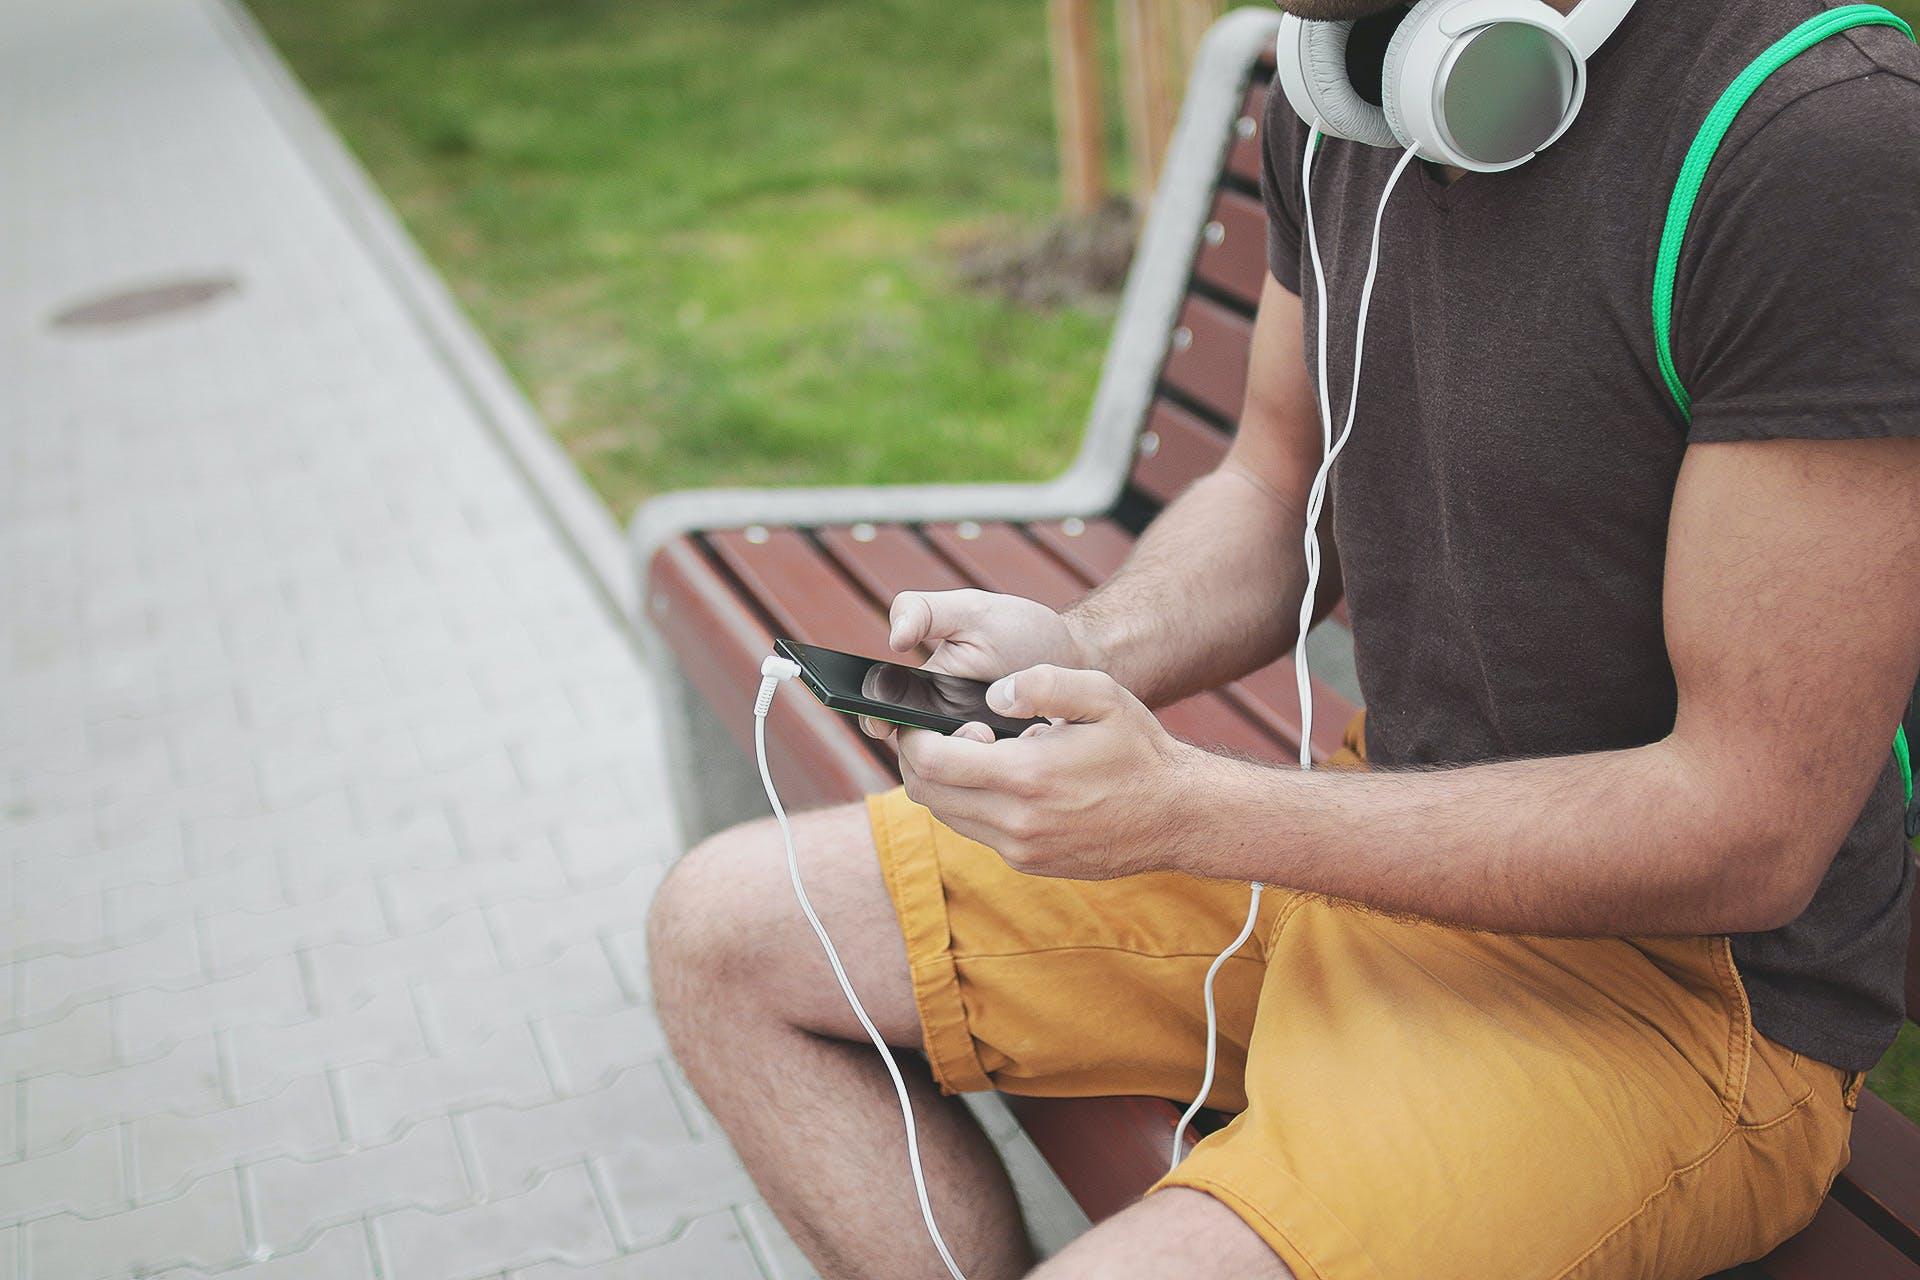 イヤホン, スマートフォン, タッチ, タッチスクリーンの無料の写真素材